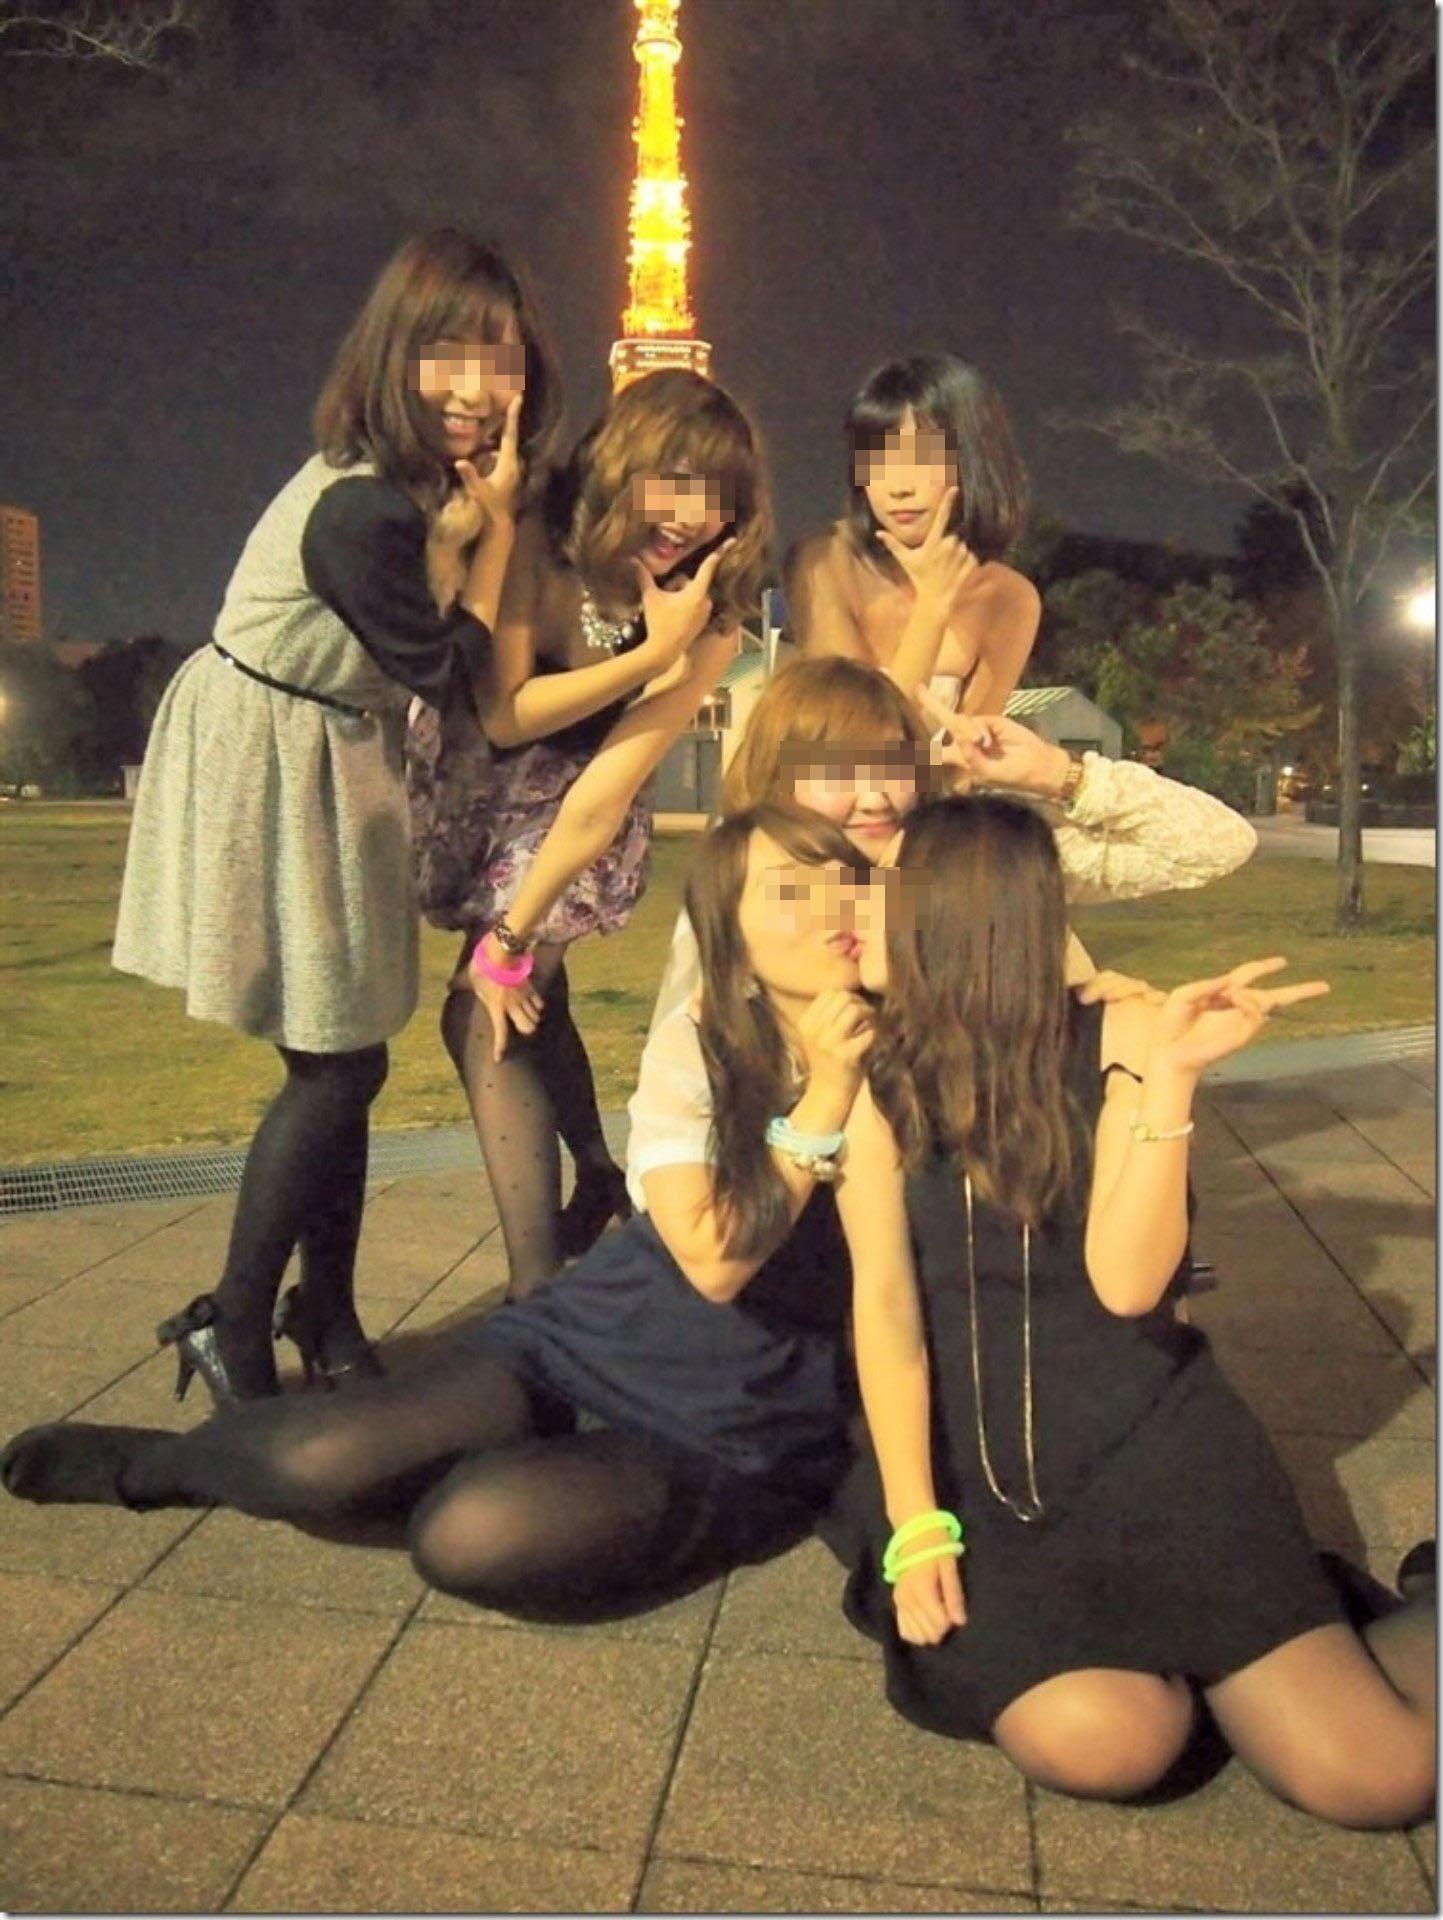 【パンチラエロ画像】偶然か故意か!?友人疑ってしまう記念写真パンチラwww 09